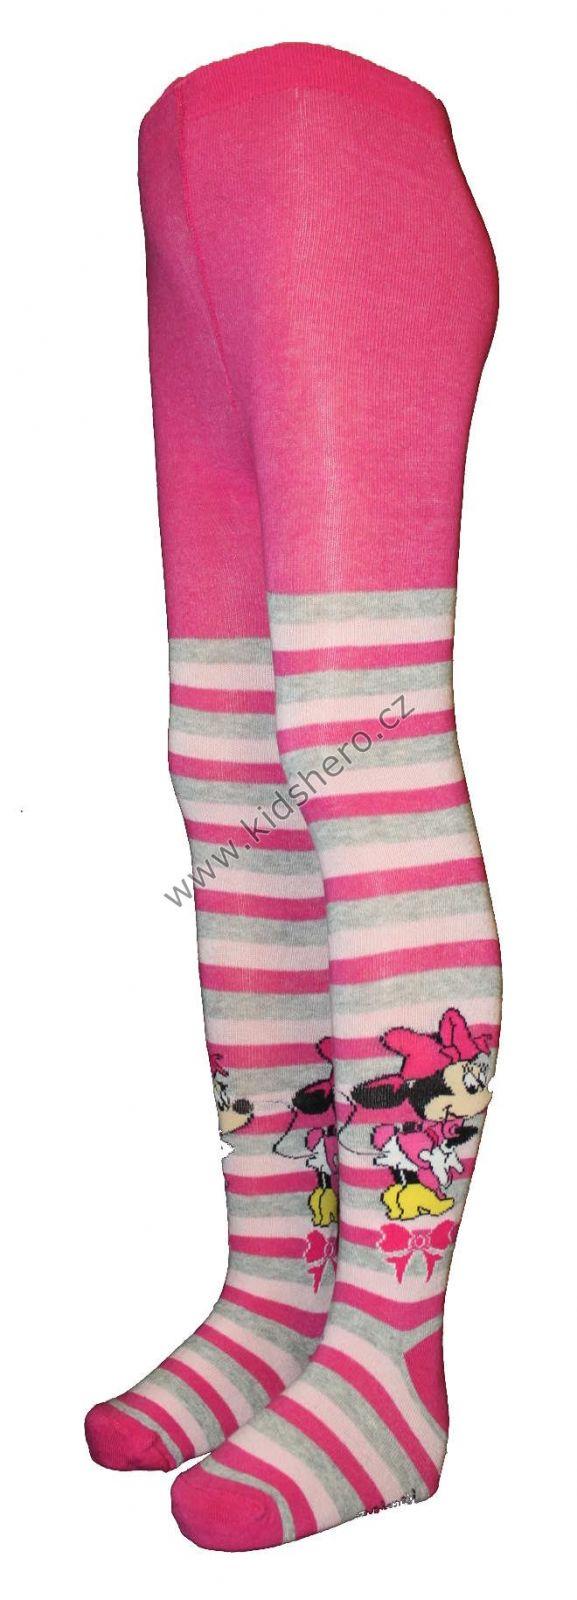 Dětské punčocháče MINNIE punčochy disney dívčí licenční oblečení